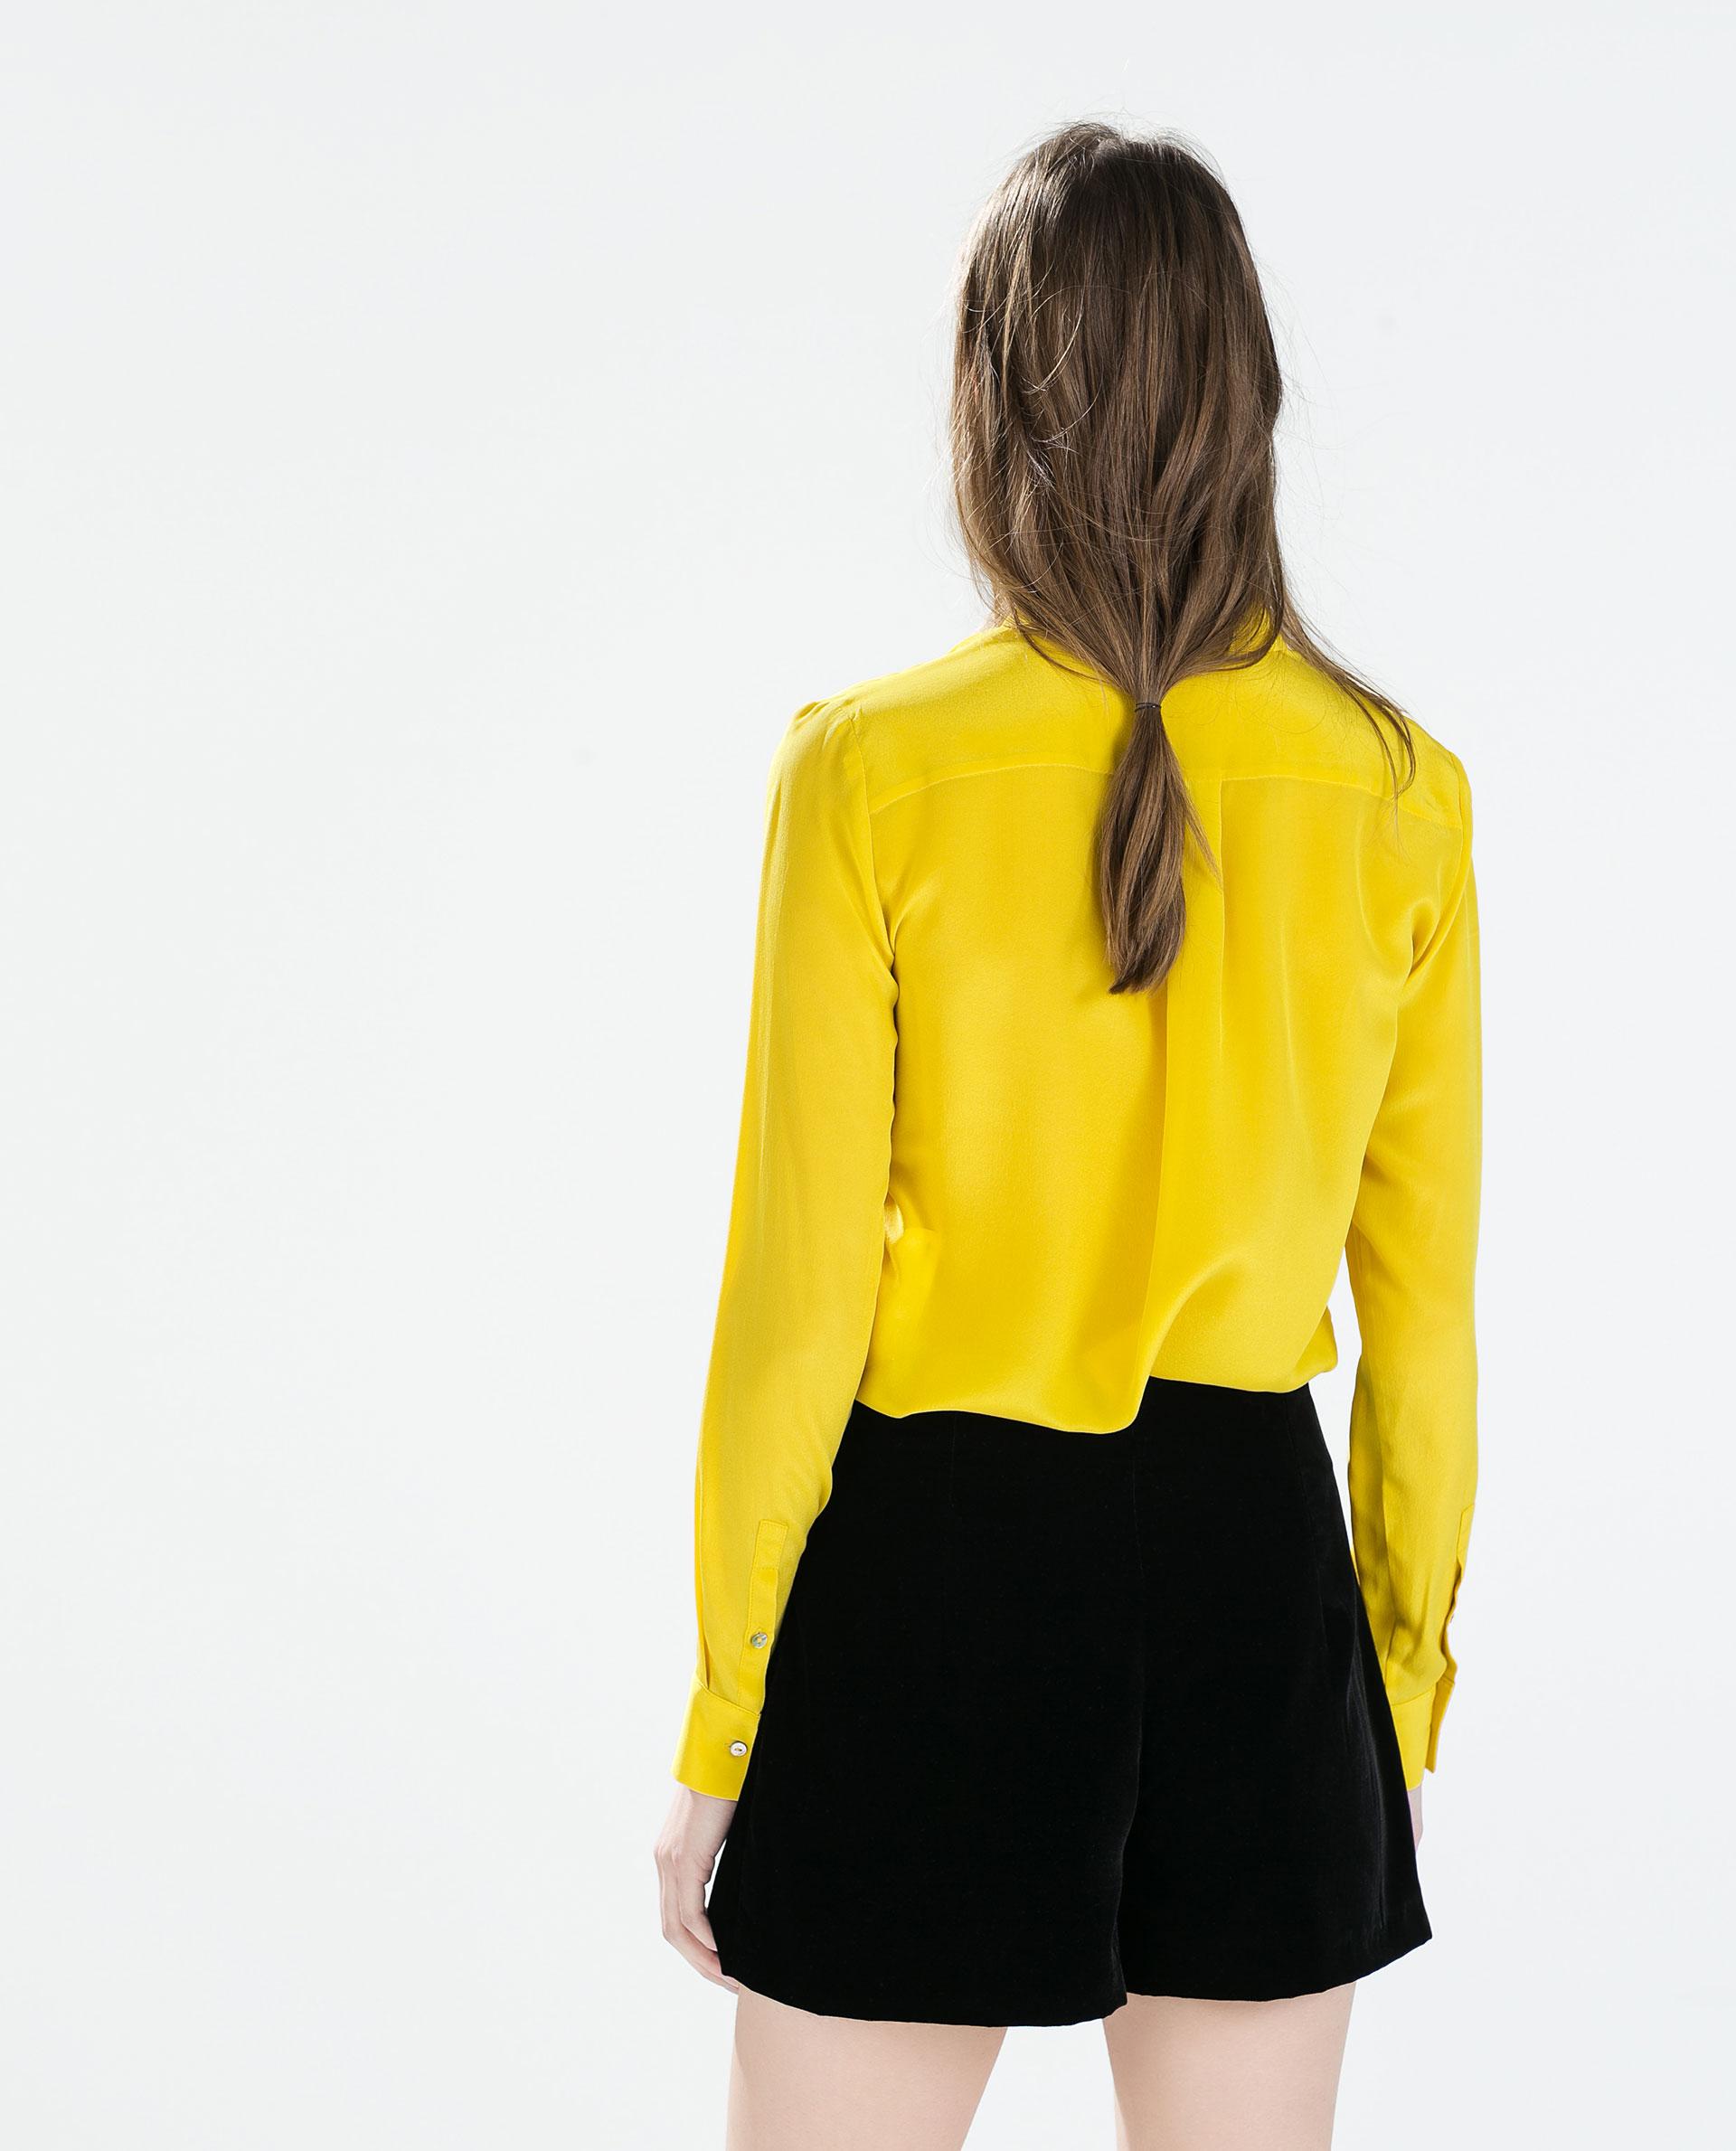 Zara Long Sleeved Blouse 83